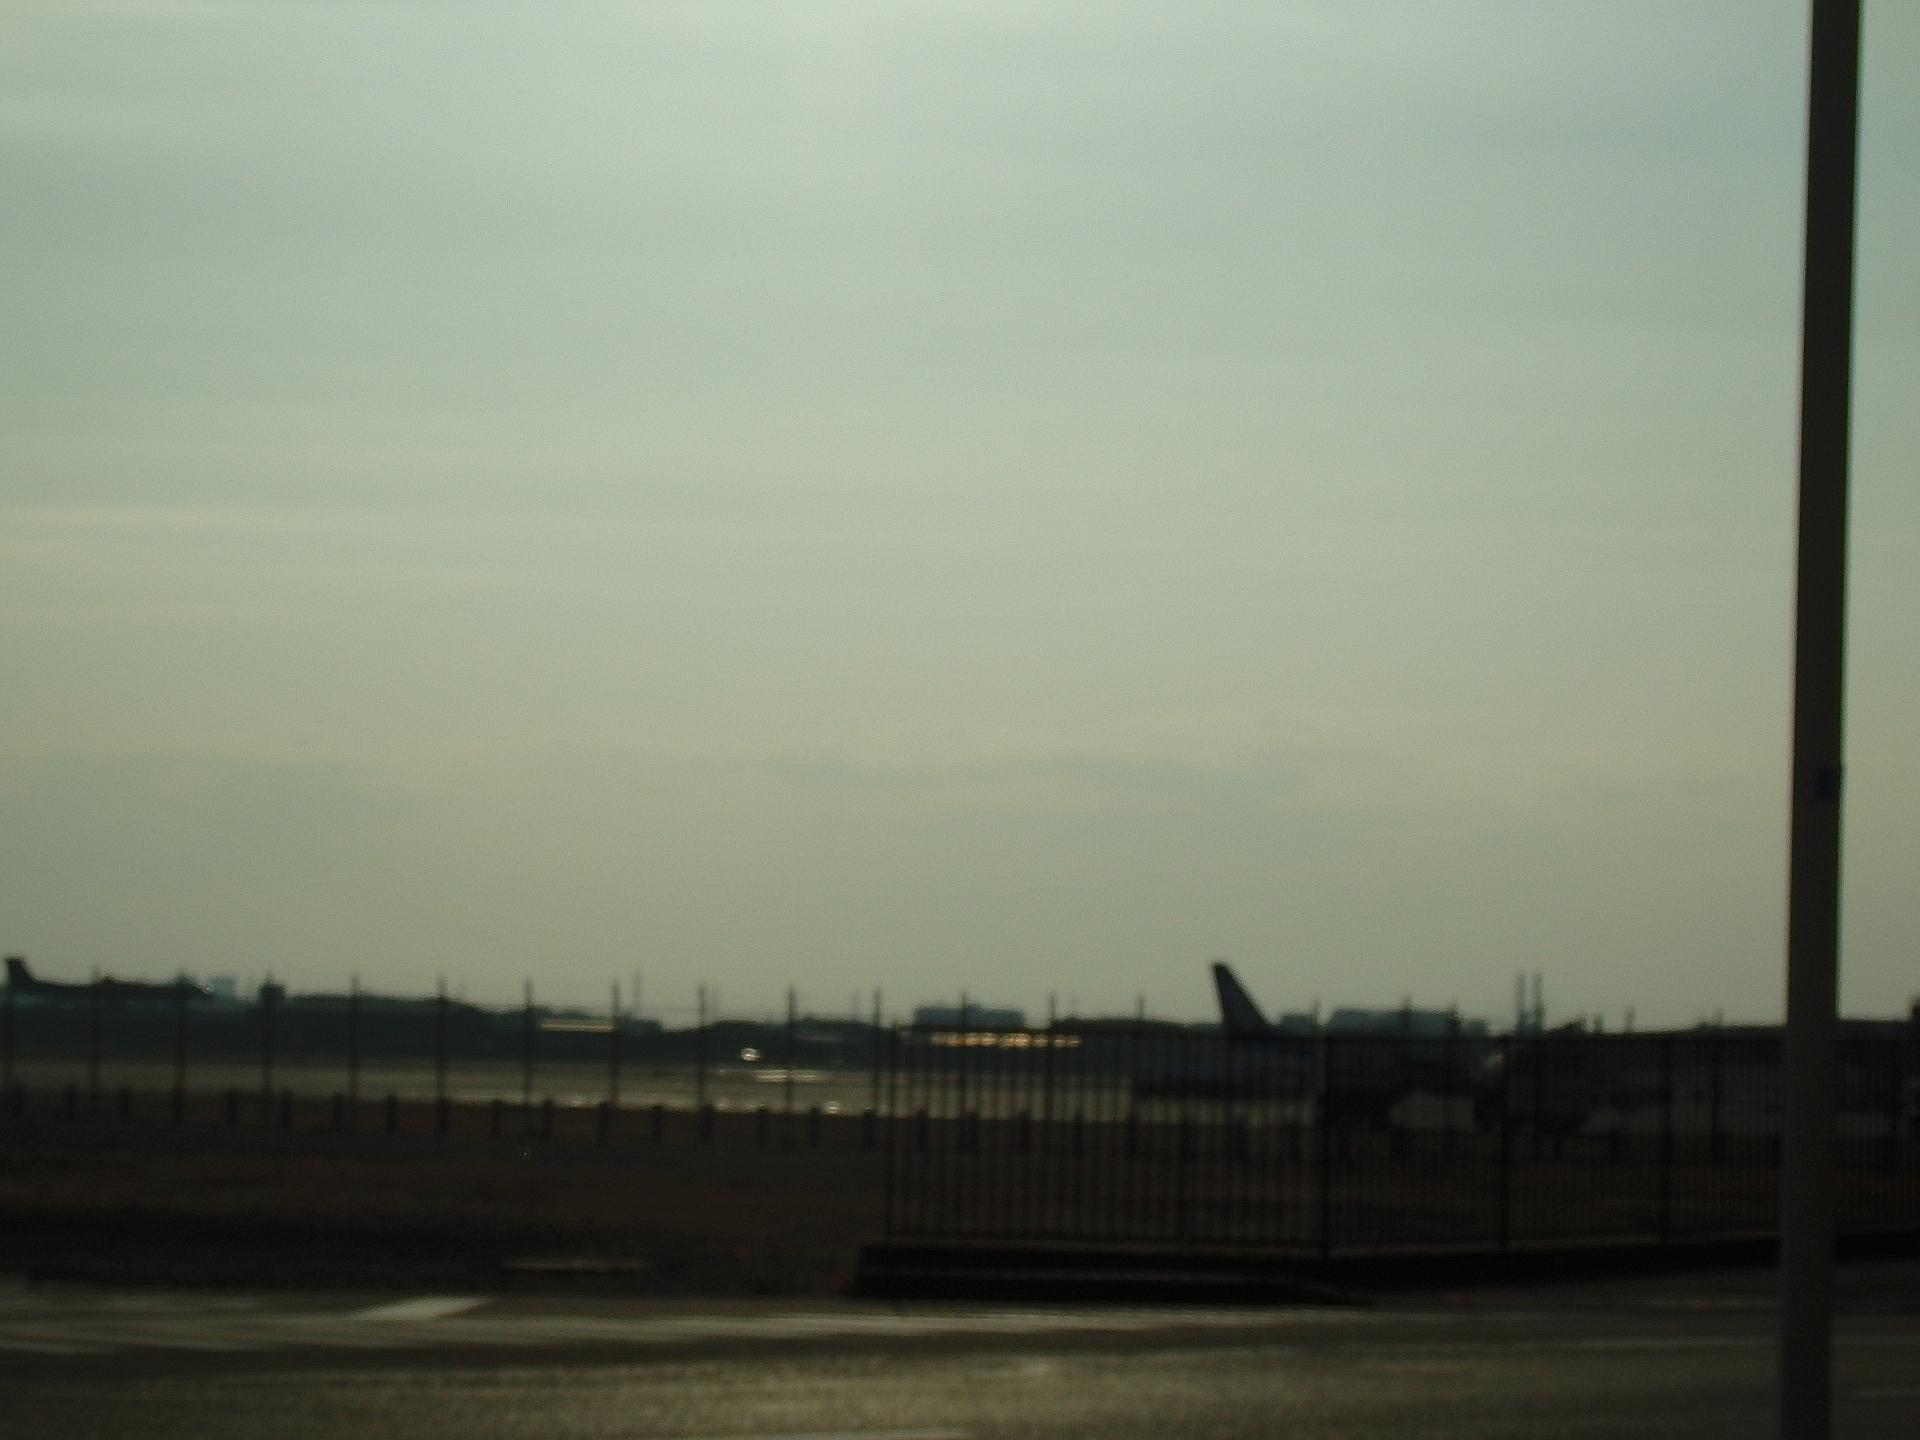 着陸機はボンQの様です。